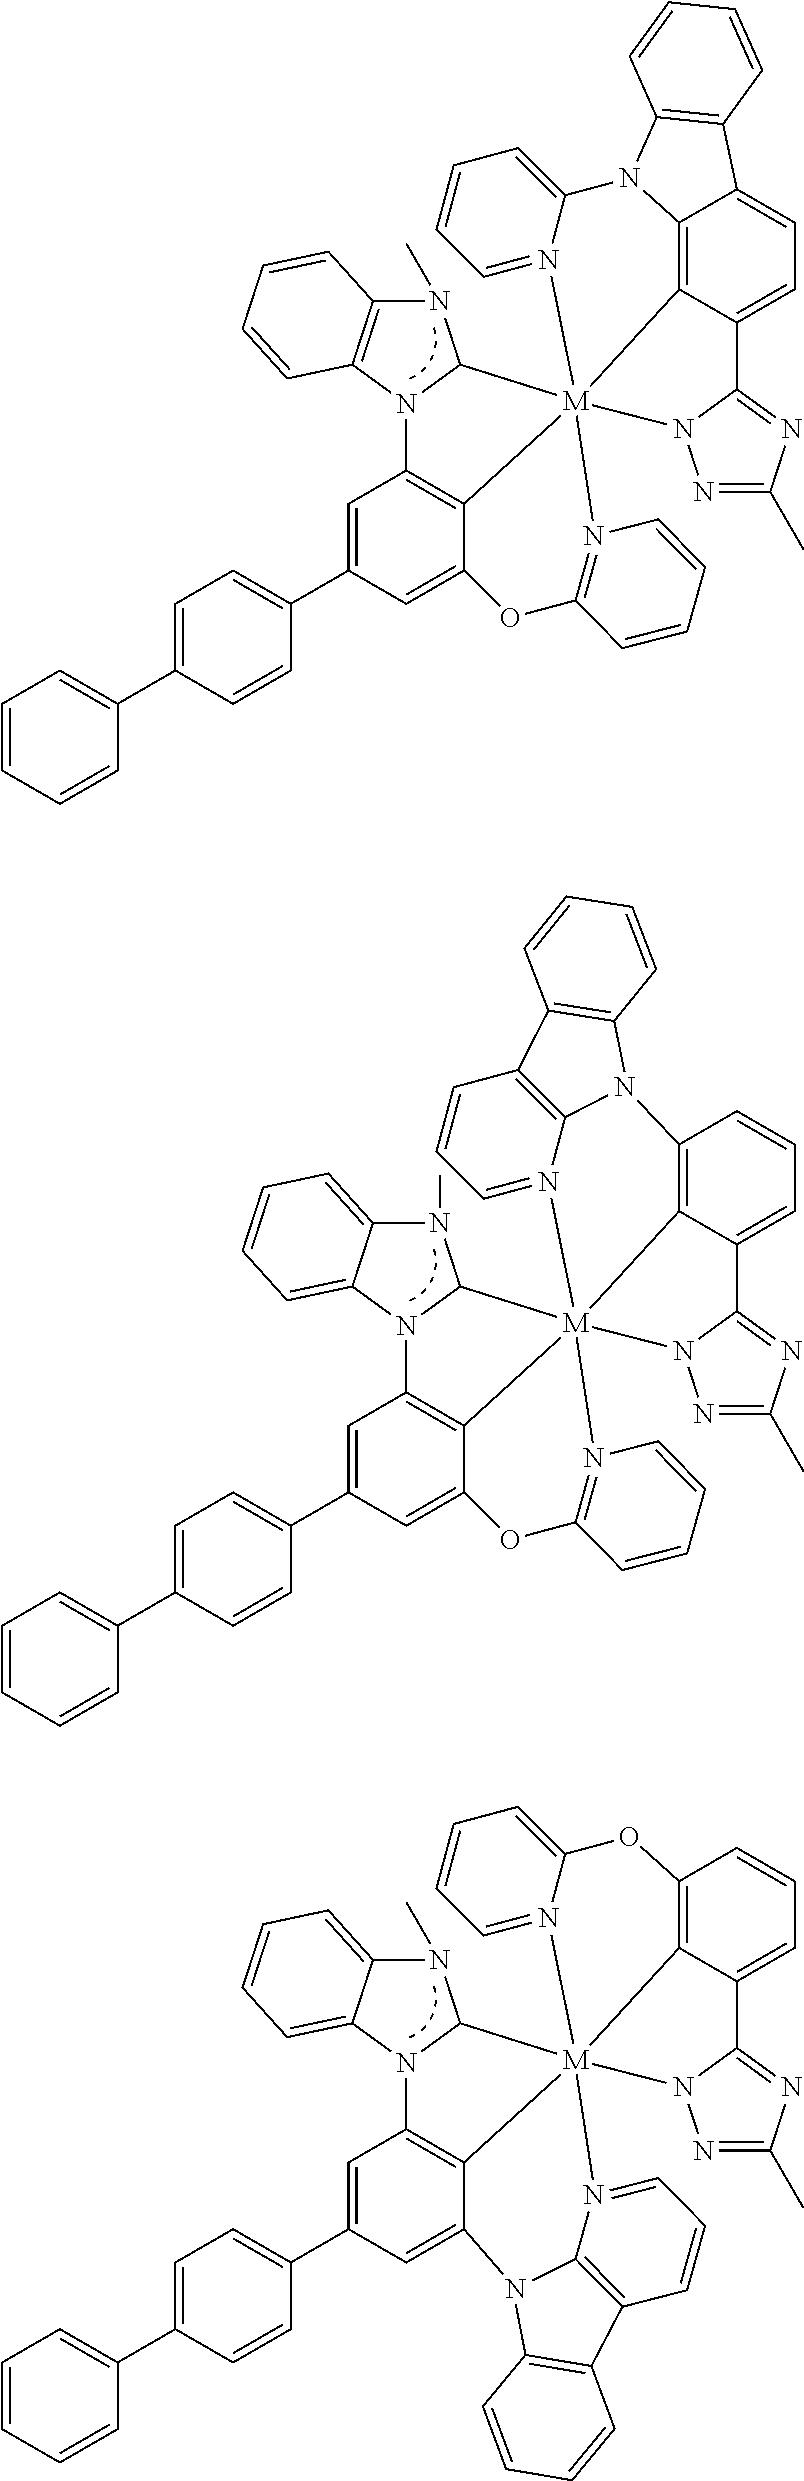 Figure US09818959-20171114-C00342